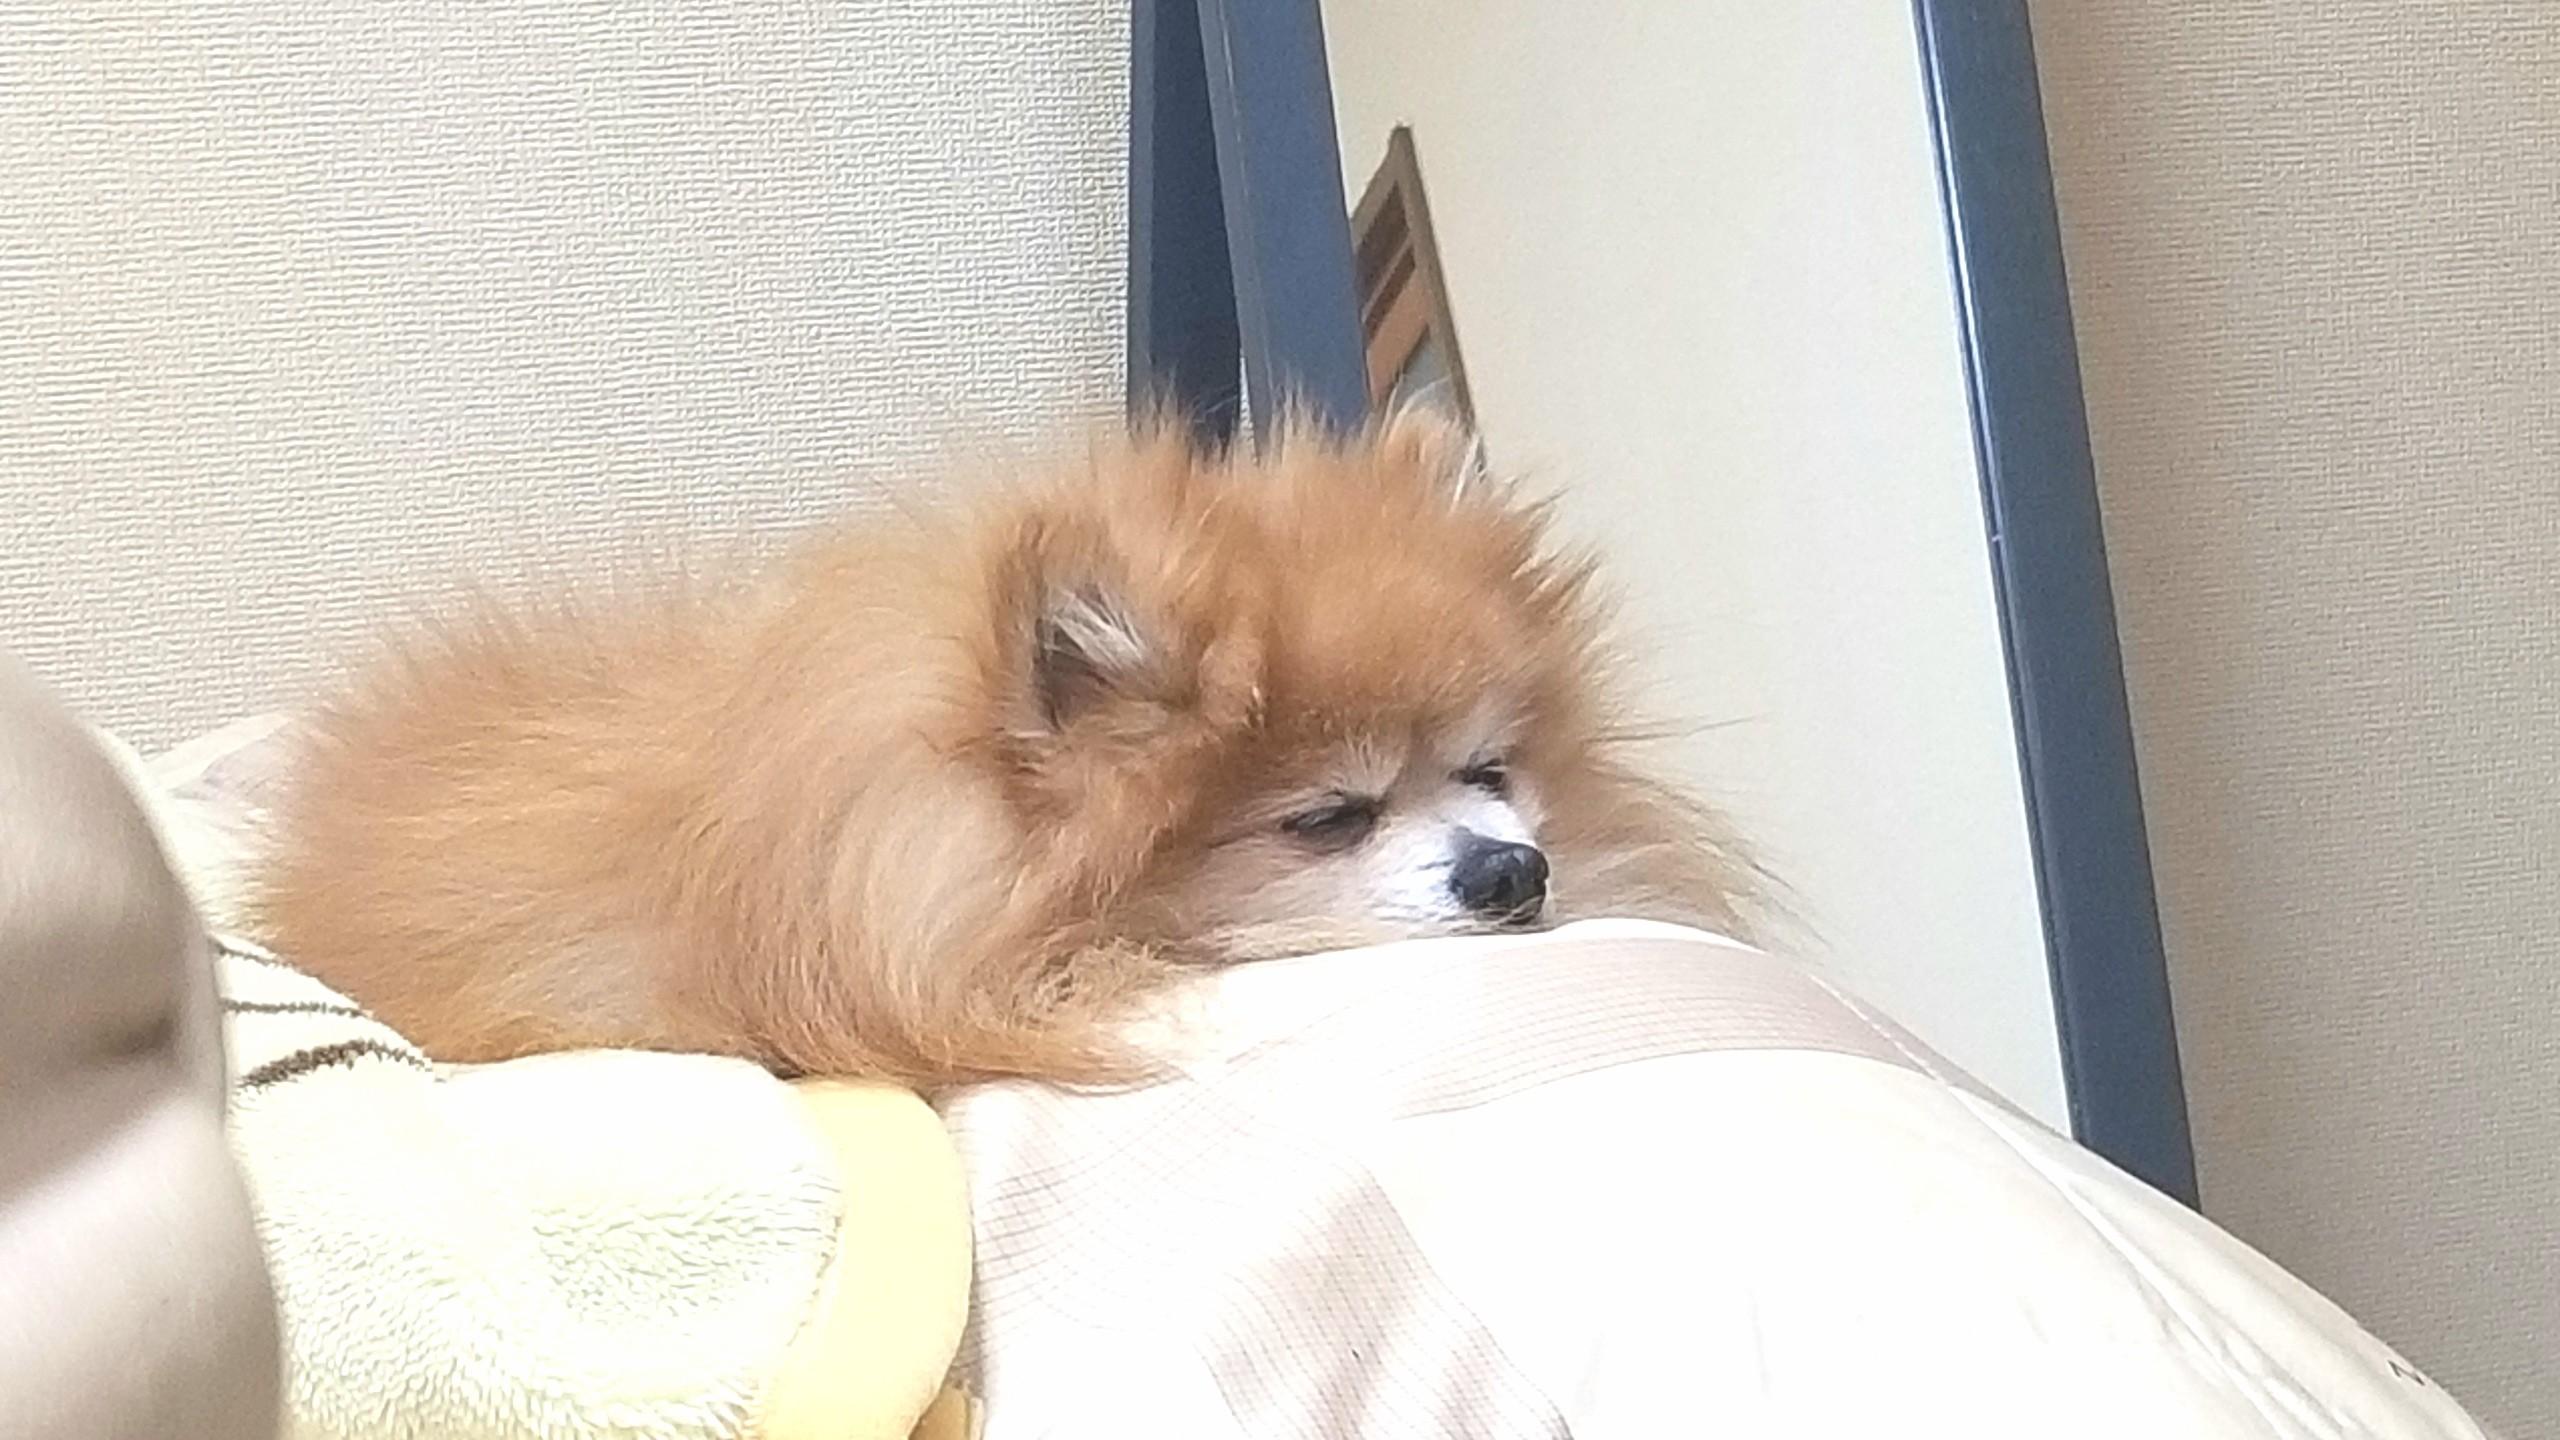 世界一かわいいポメラニアン,人気有名犬ペット,寝顔癒し,もふもふ